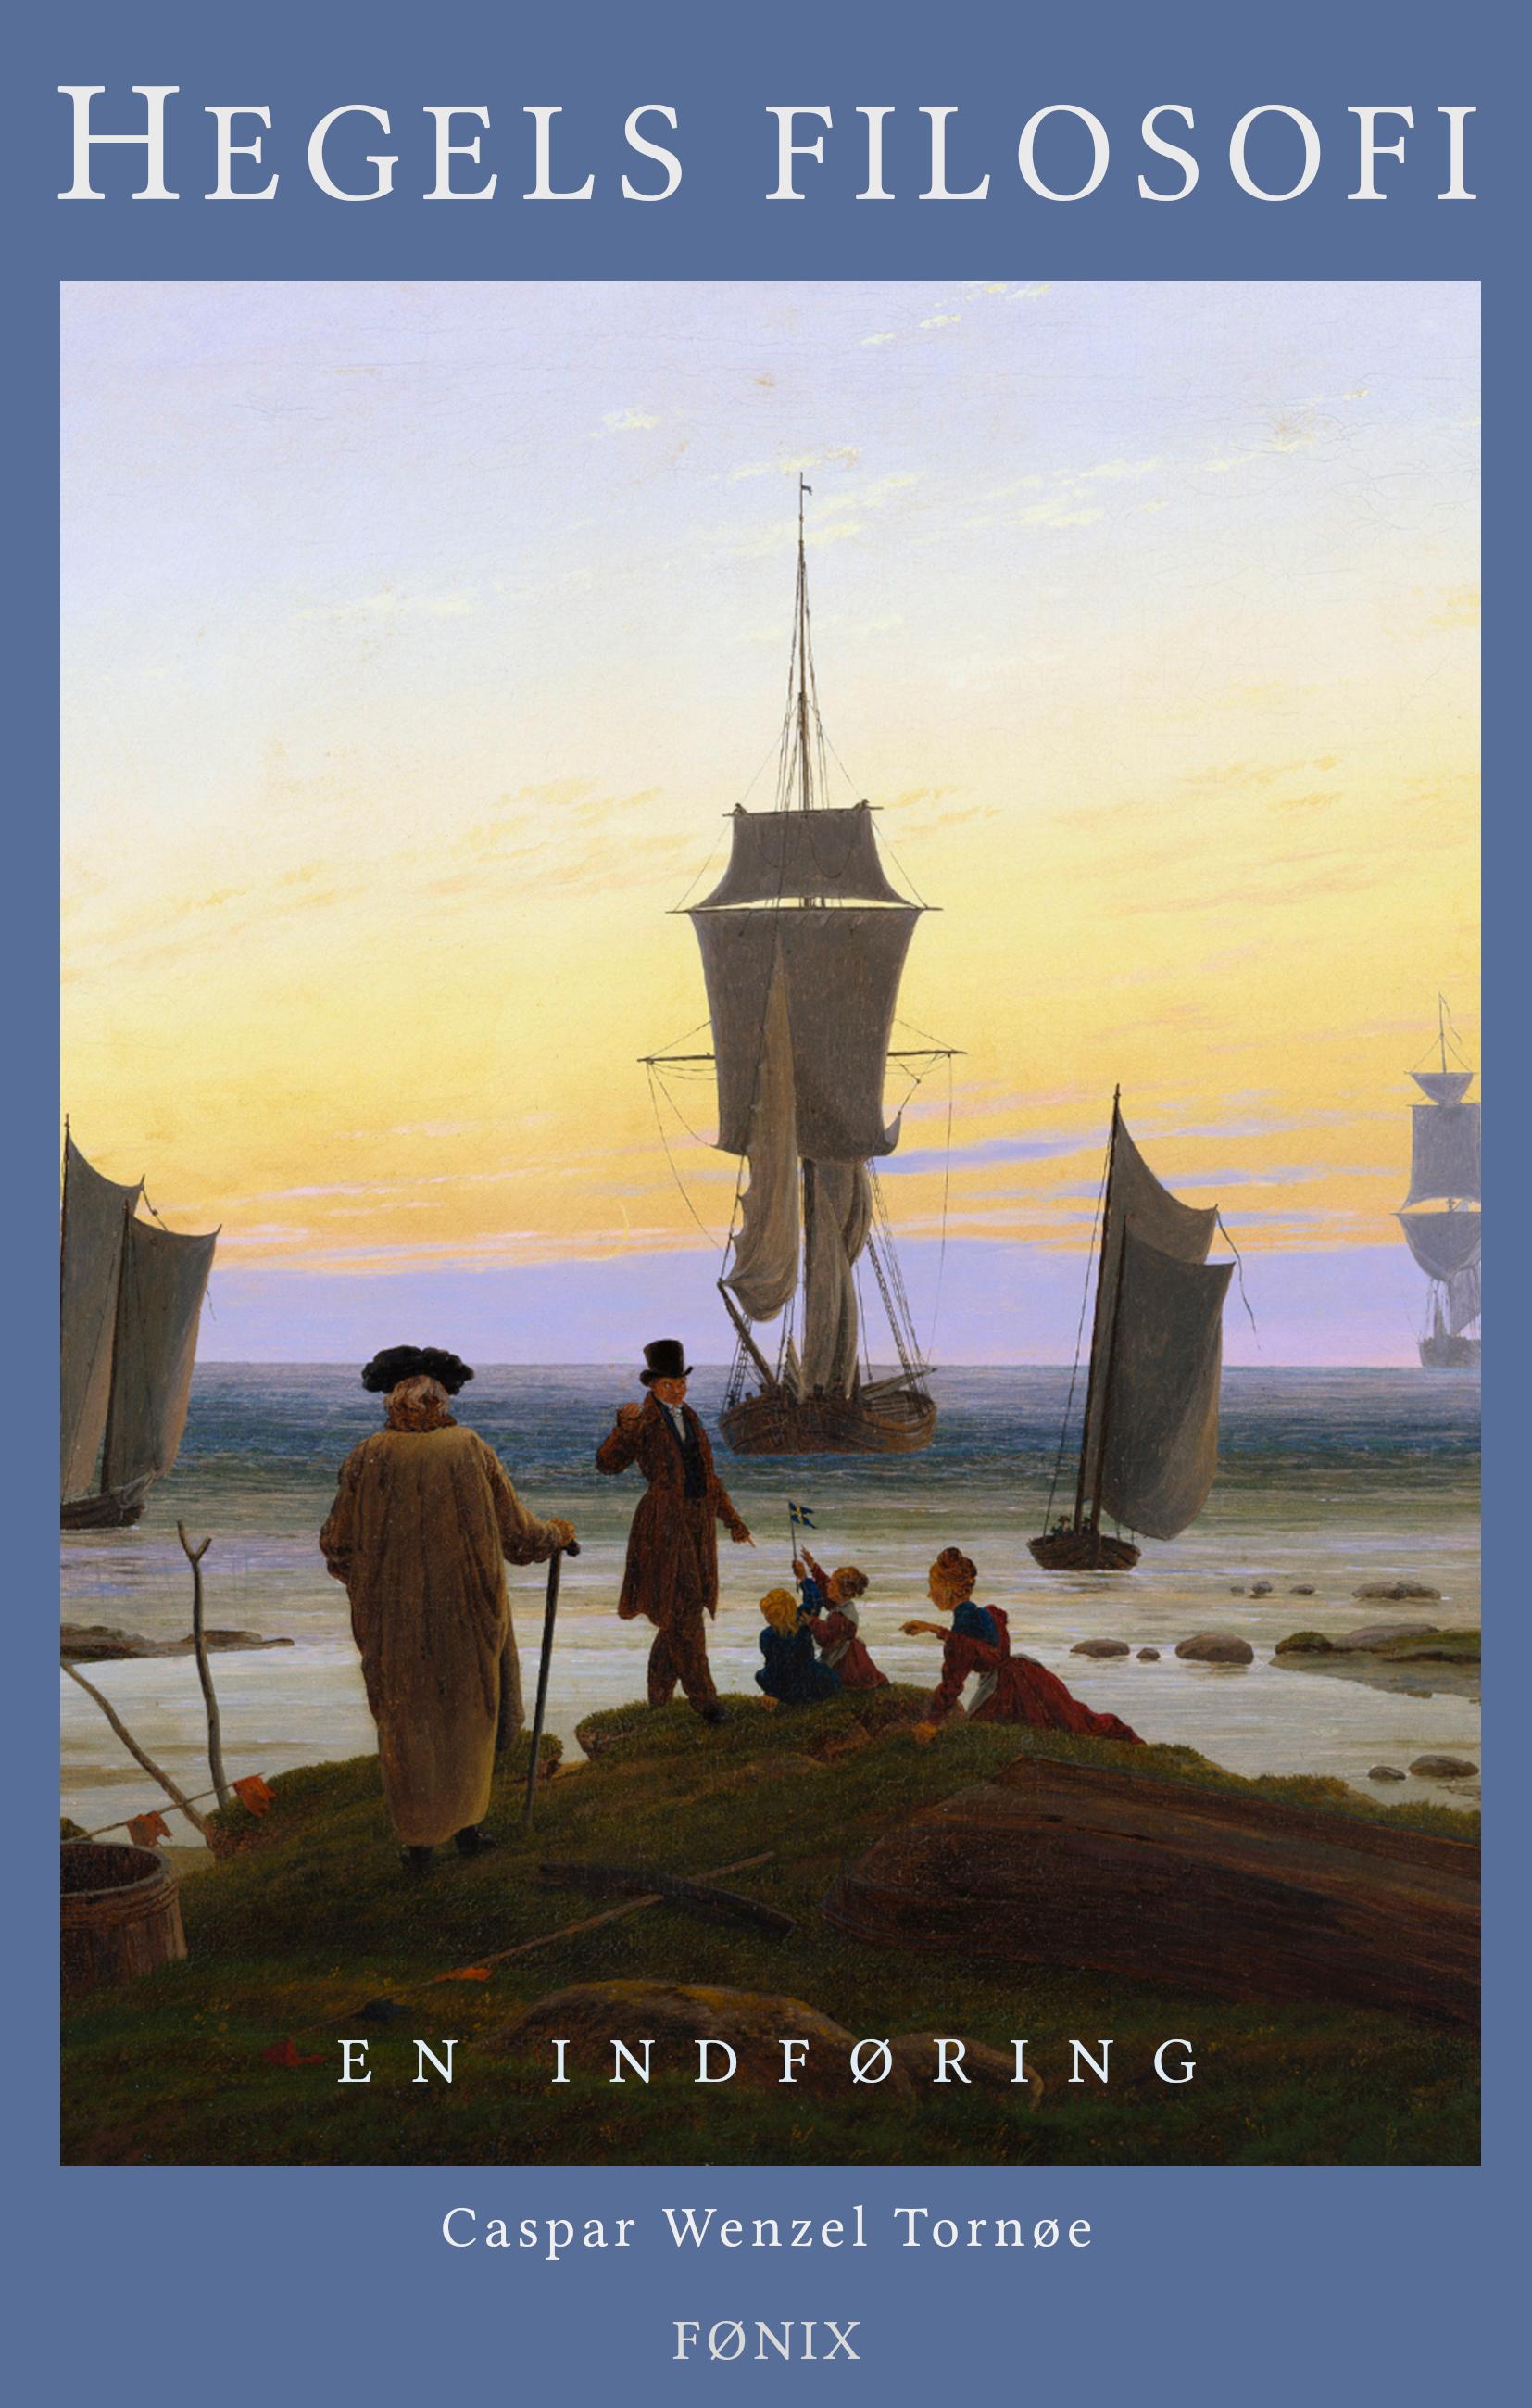 Hegels filosofi – en indføring